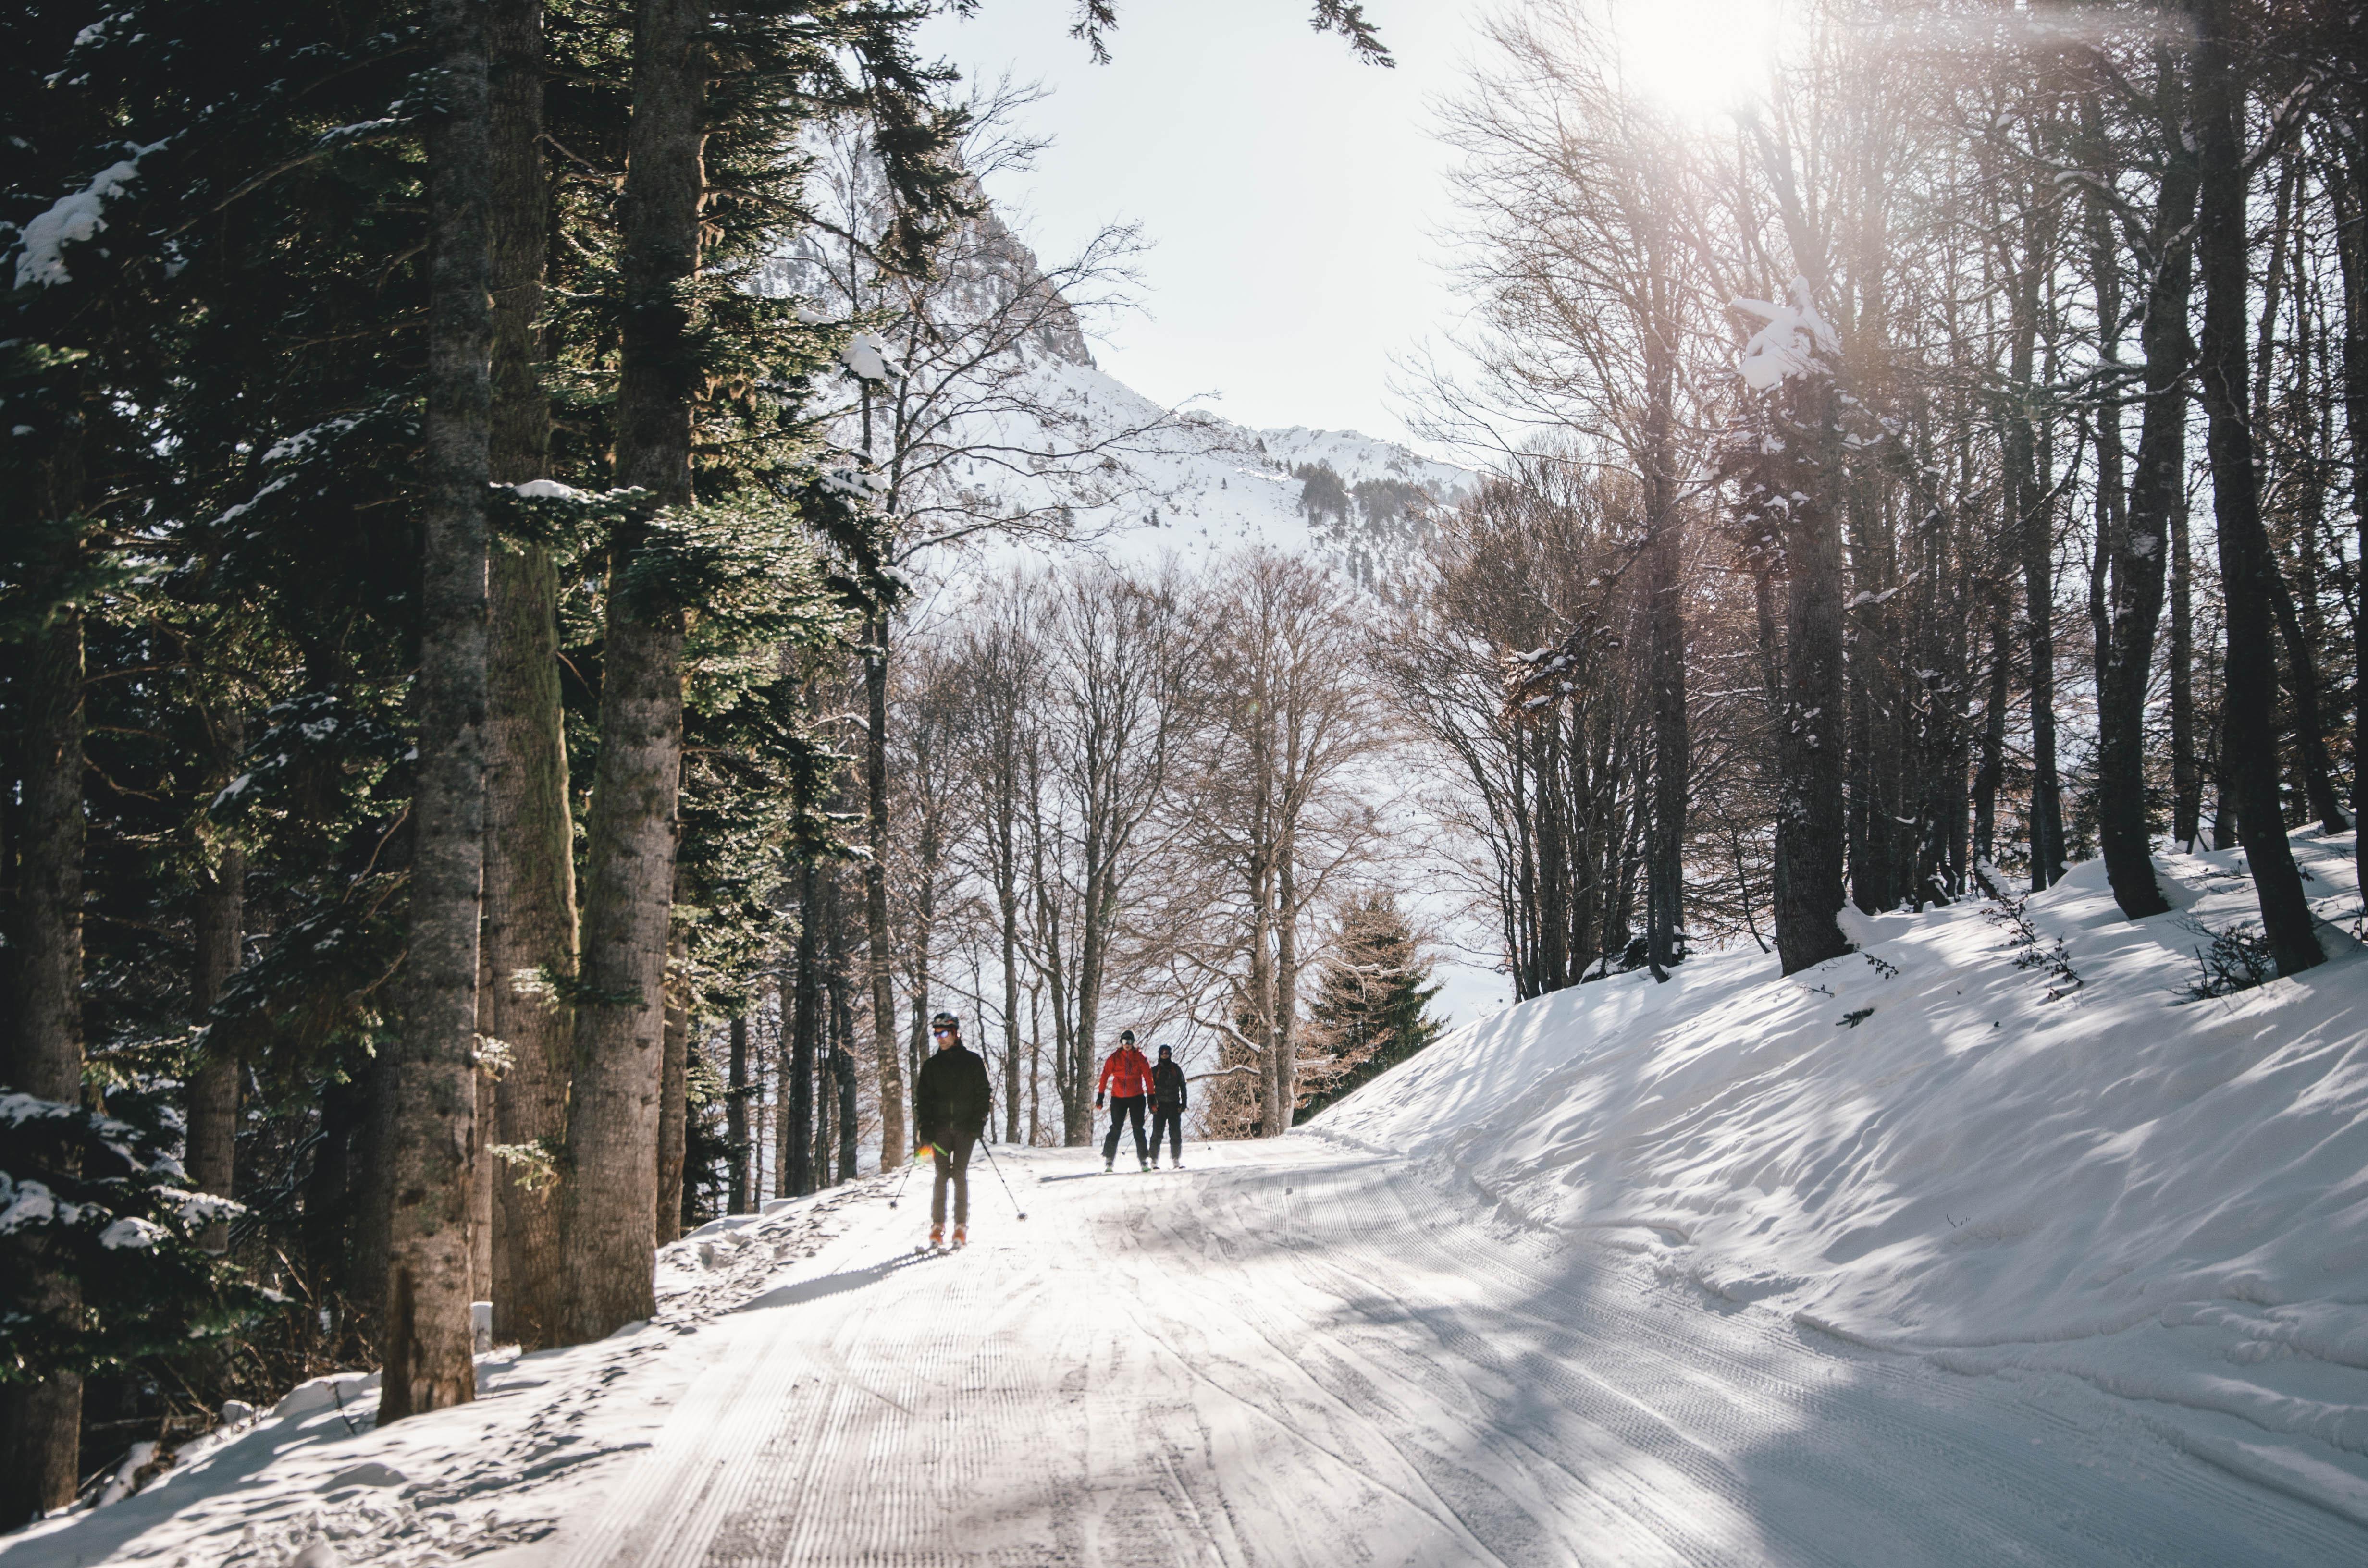 Forest - Barèges, Grand Tourmalet-Bareges/La Mongie